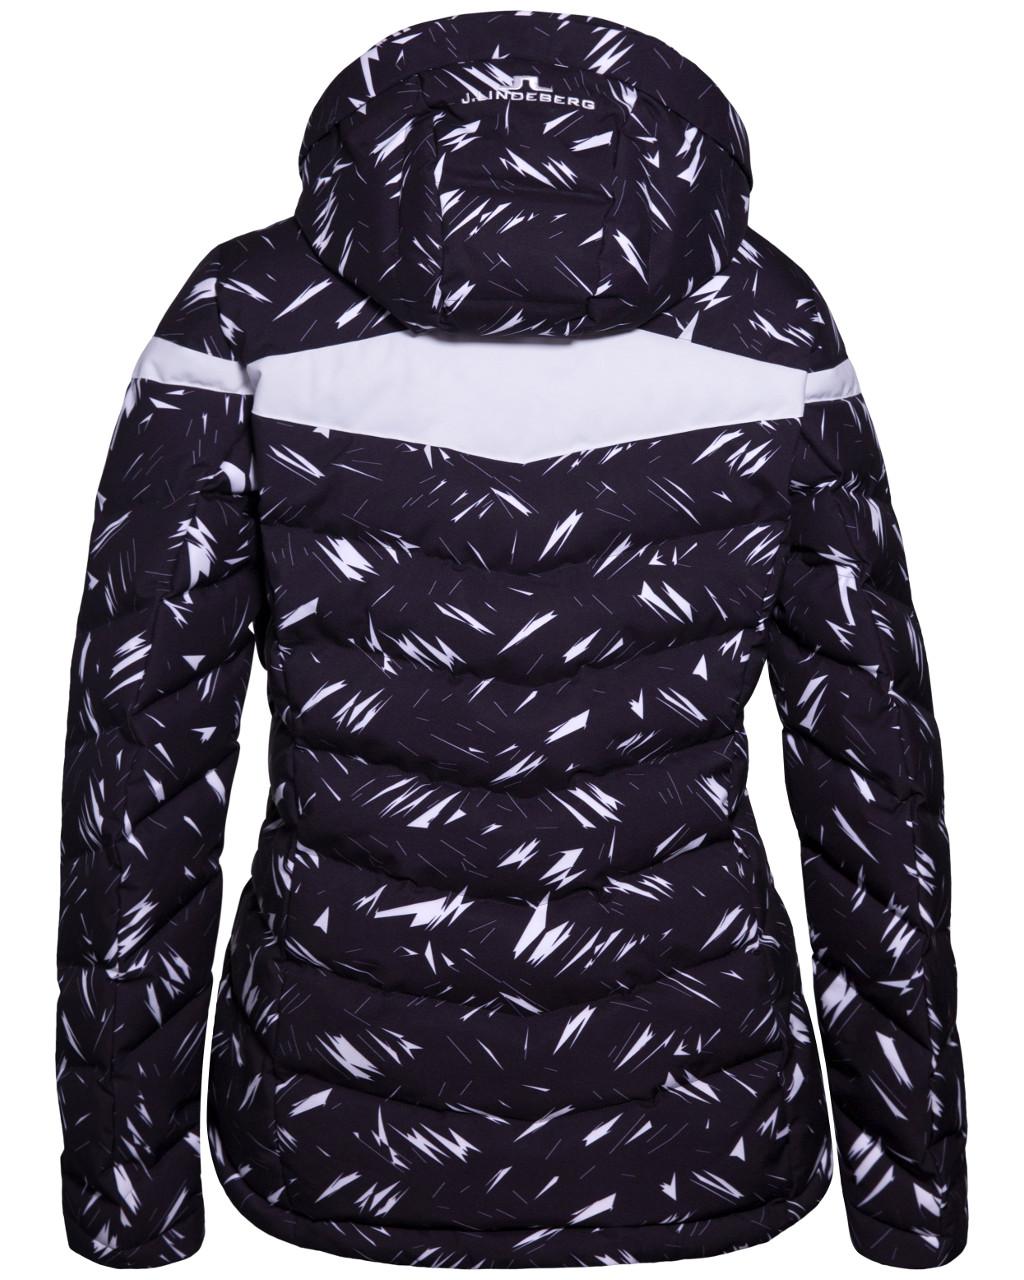 Crillon Down Jacket 2L W Black